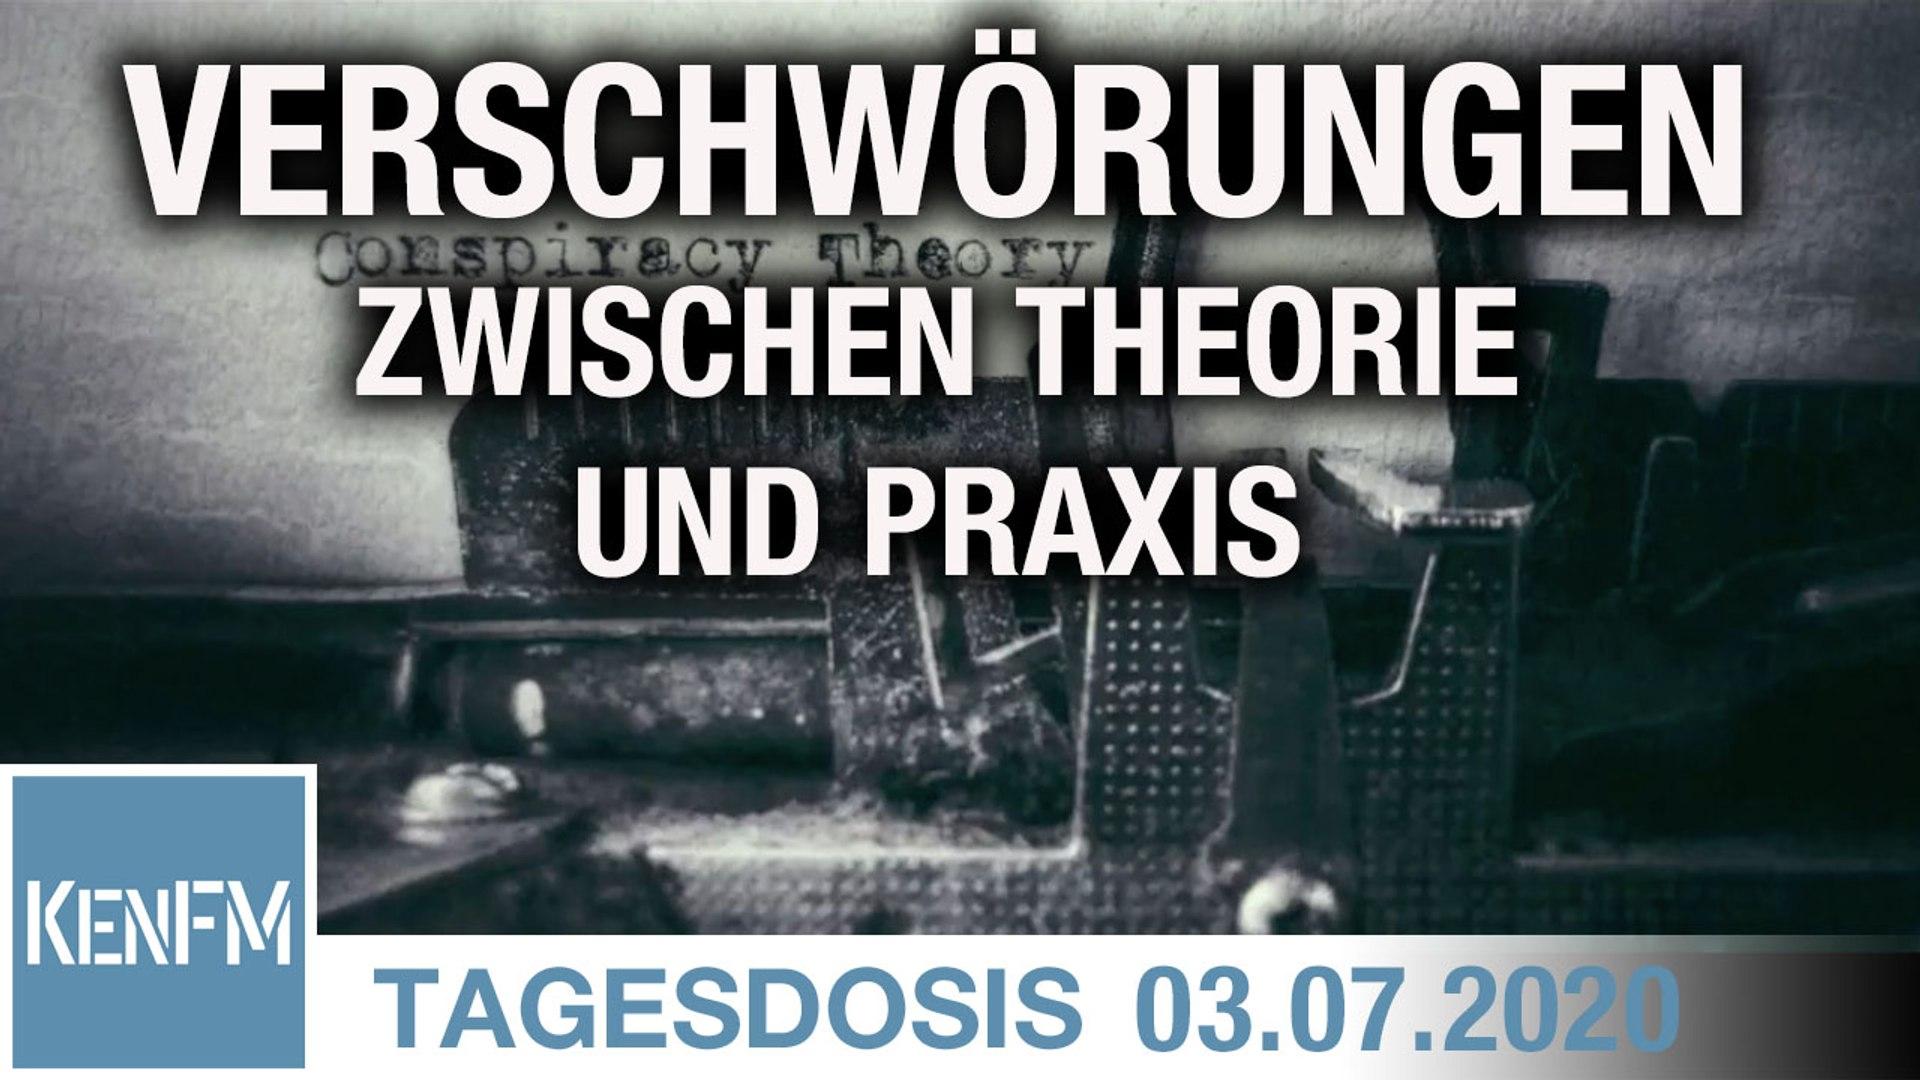 Verschwörungen zwischen Theorie und Praxis | Von Klaus Hartmann